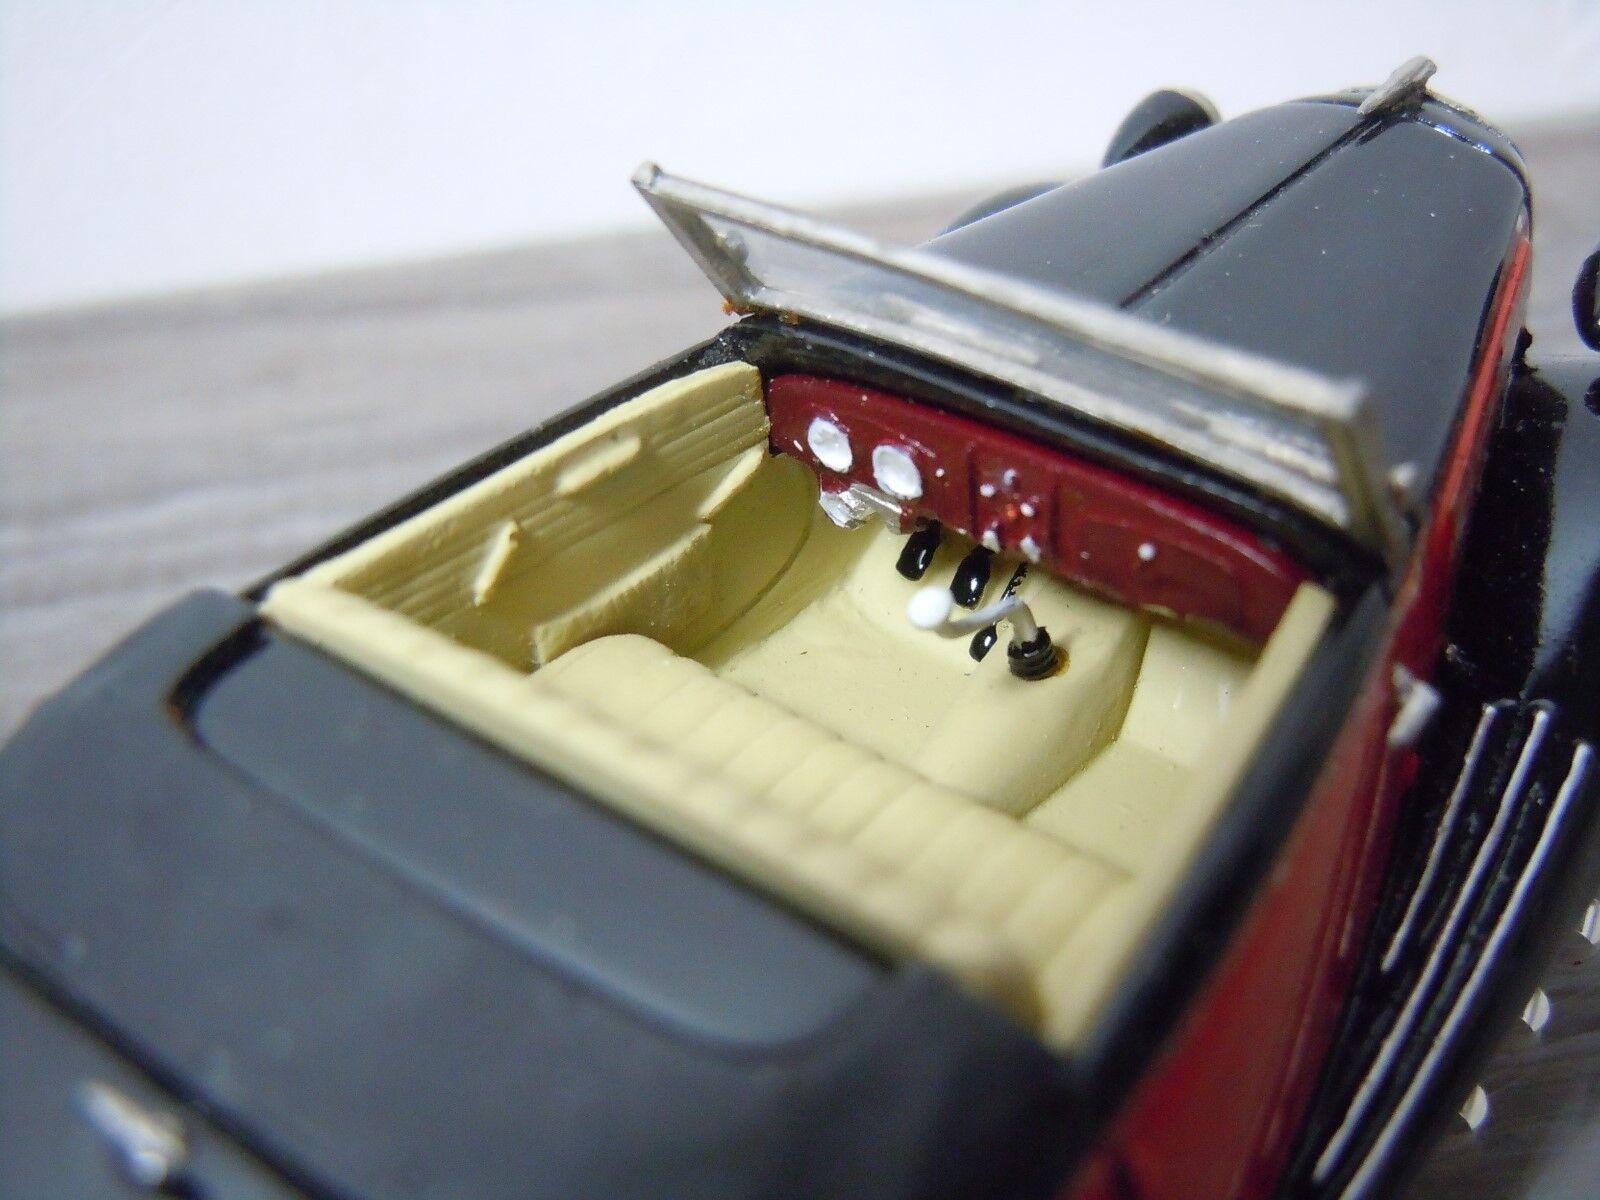 Opel Super 6 Cabriolet van AVTO Moskva Moskva Moskva Modell 1 43 in Box 26987 2f309e